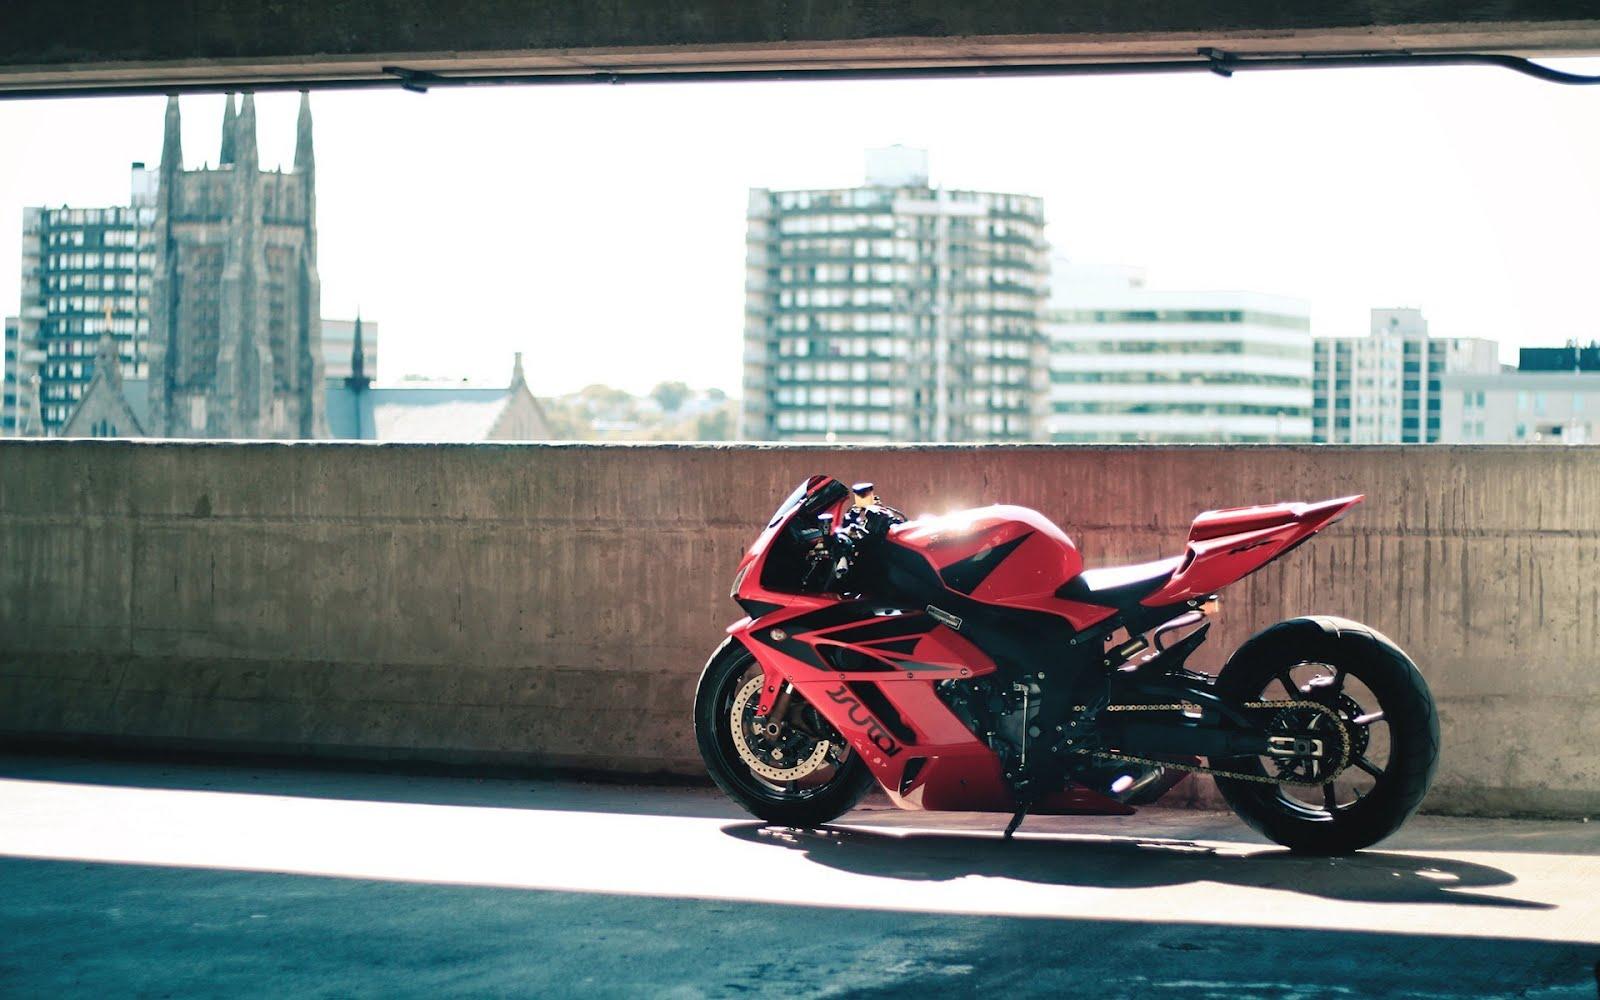 Червен мотор в сградата, HD Wallpaper